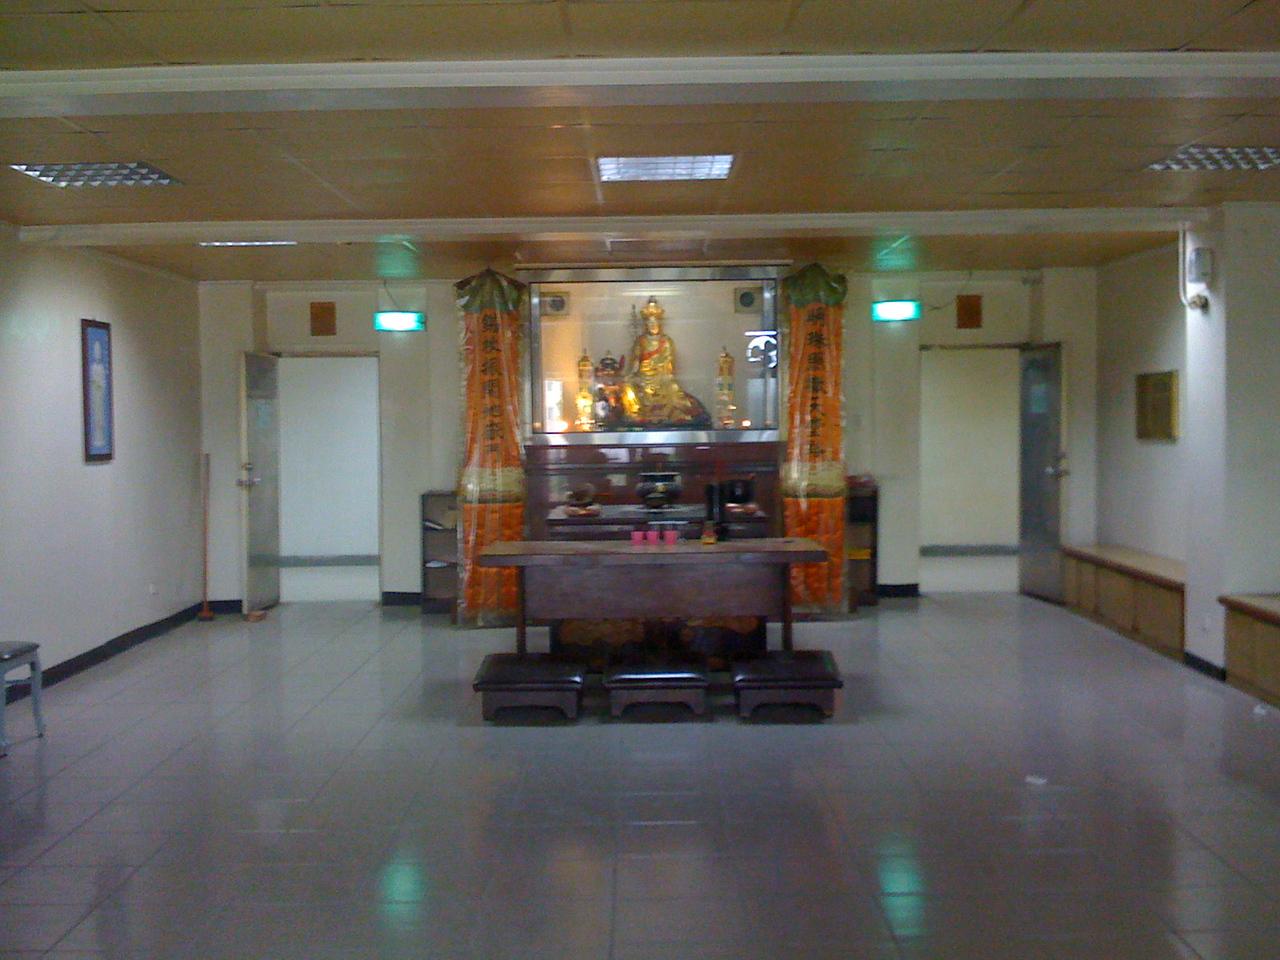 2008 11 26 Wed - One of crematorium's Buddhist ceremonial rooms